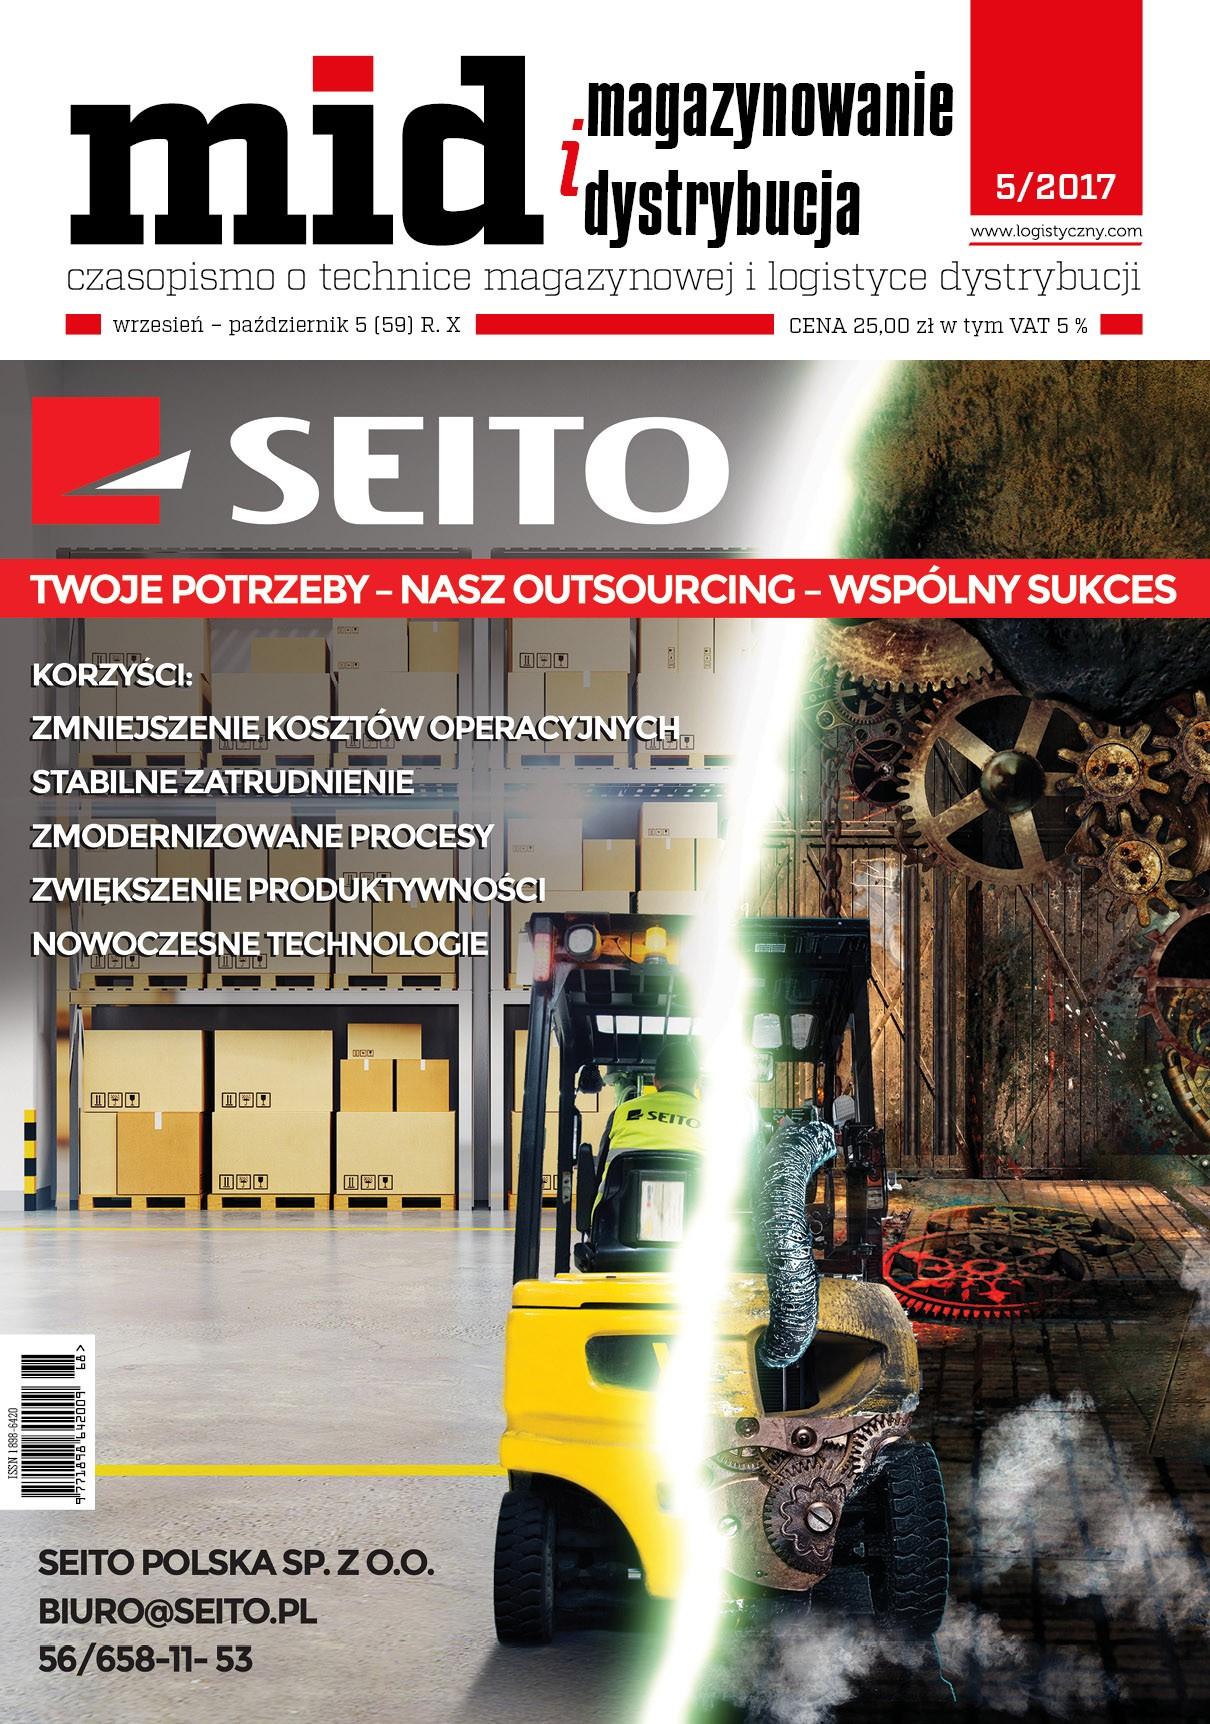 Magazynowanie i Dystrybucja 5/2017